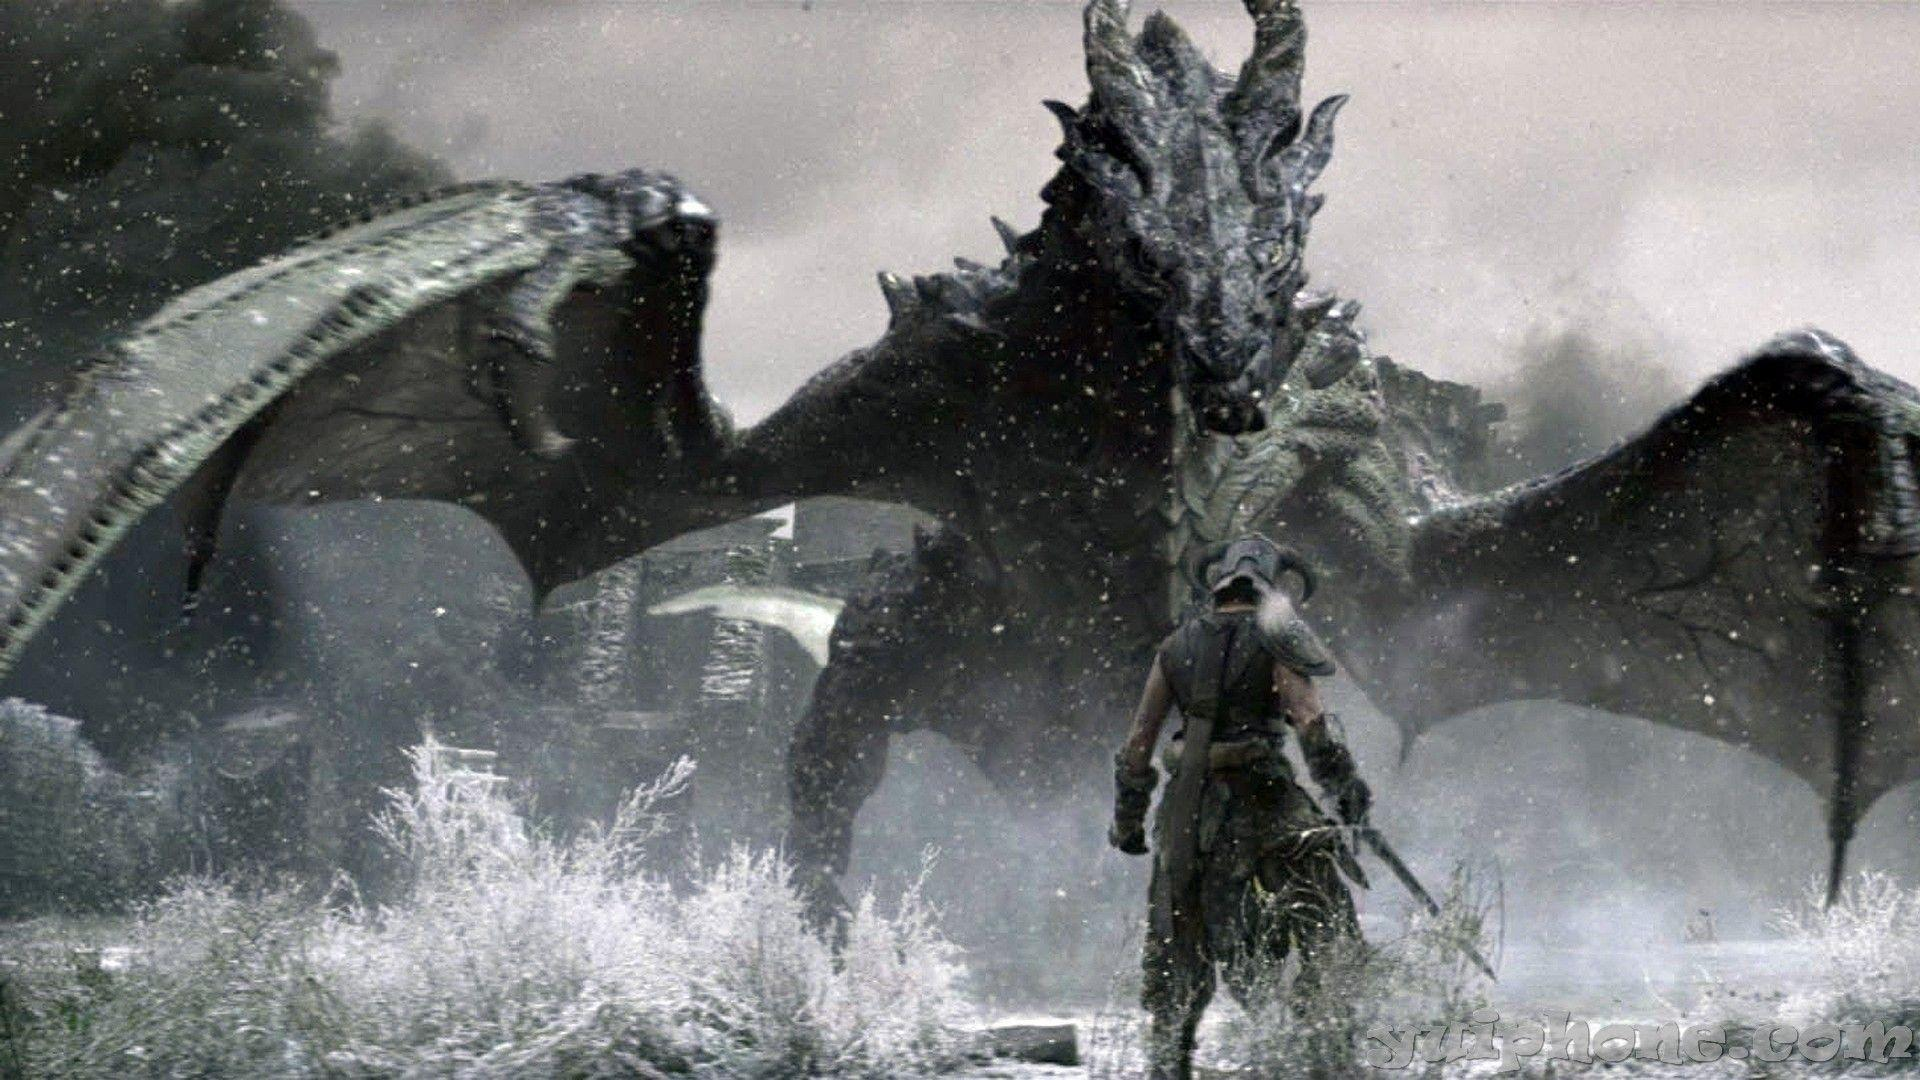 Skyrim Wallpapers Dragon 1080p Wallpaper Cave